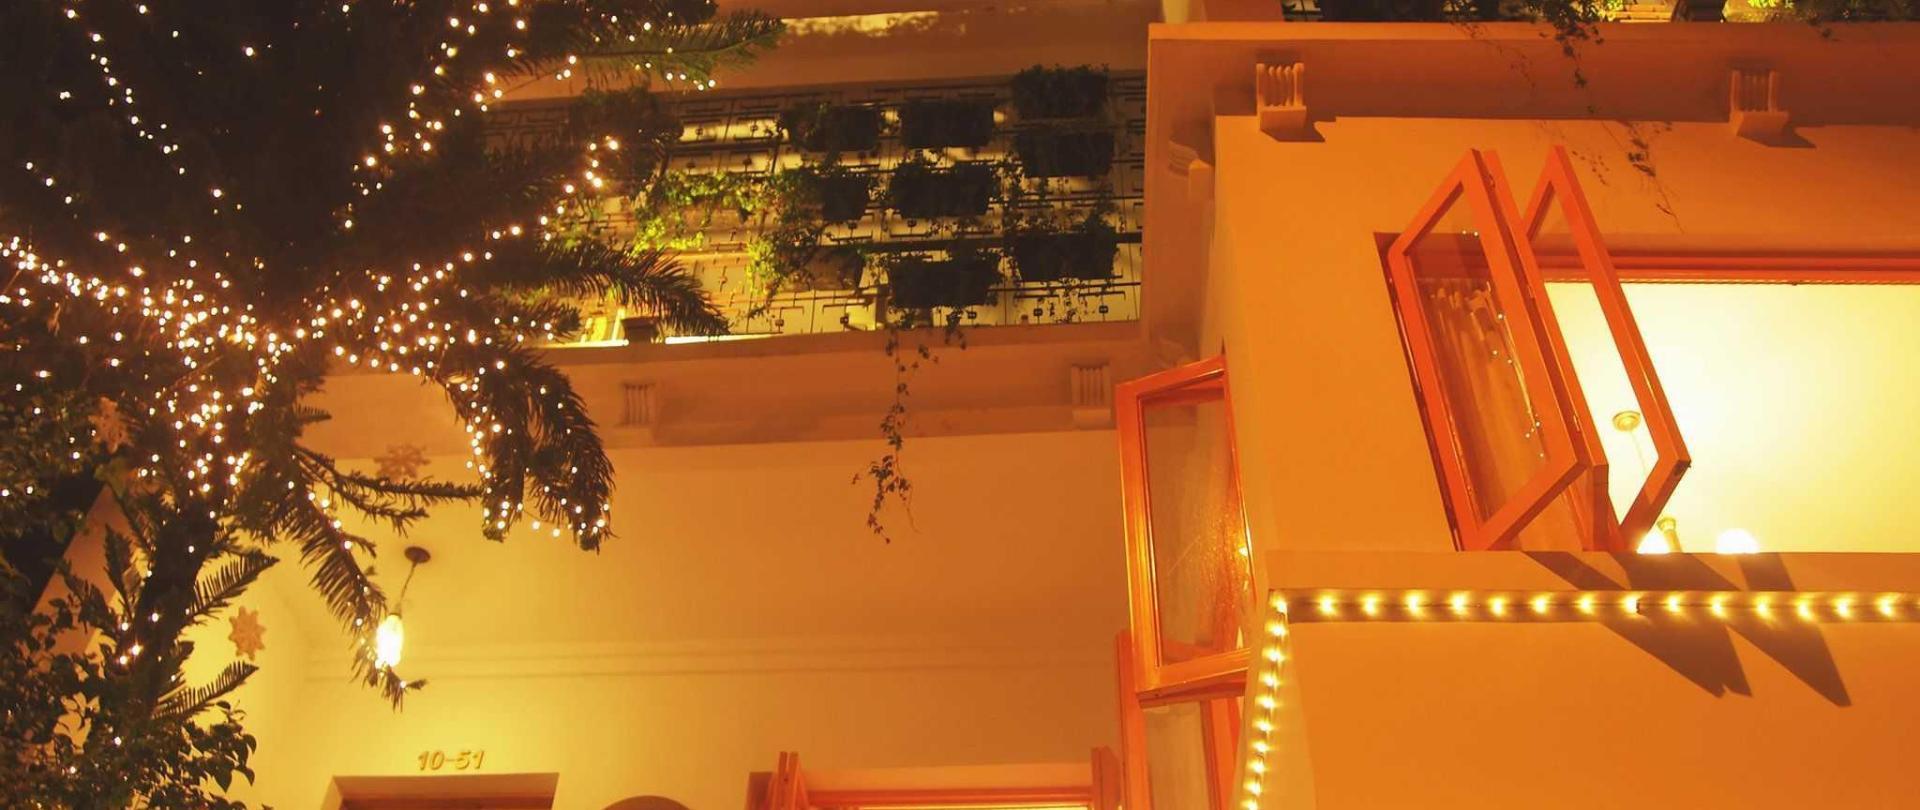 fachada-leclerc-hotel-boutique-barrio-granada-cali-colombia.jpg